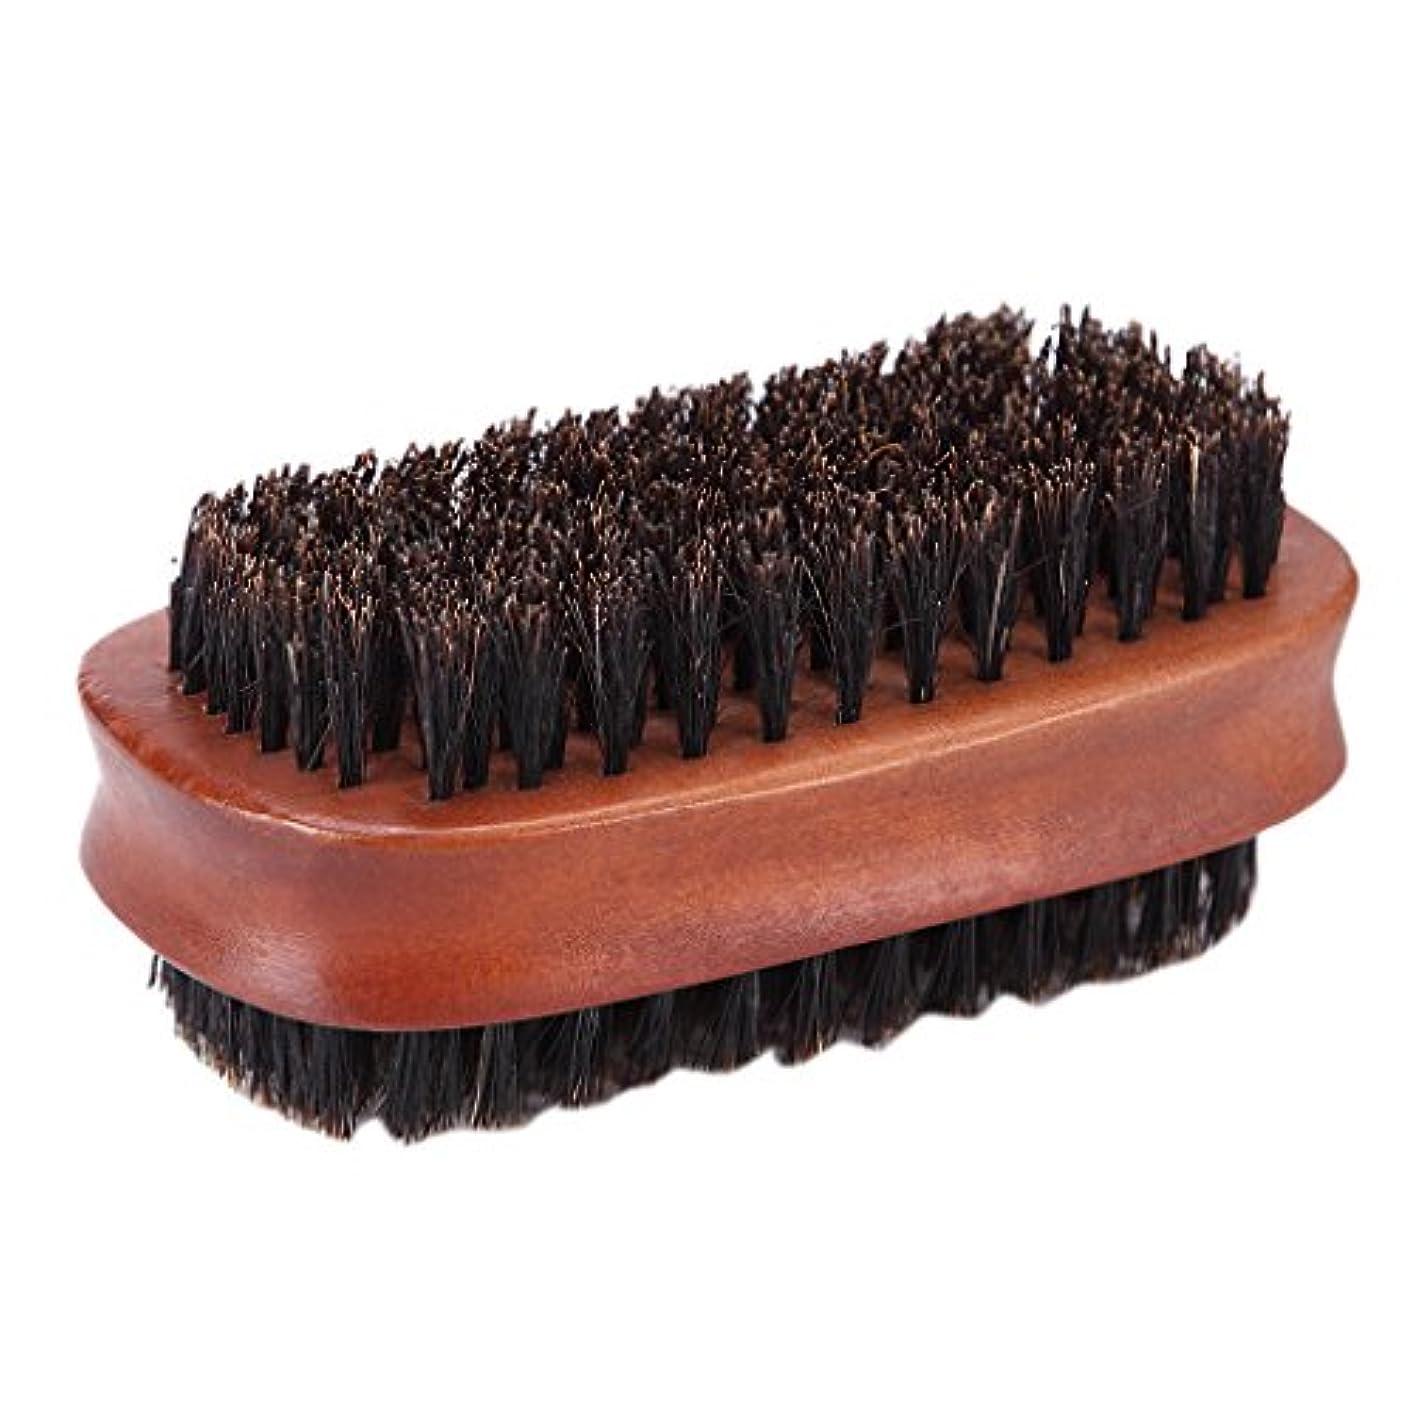 寸前均等に誤解を招くヘアカット ダスターブラシ 両面ブラシ サロン 散髪 ヘアカット 柔らか 使いやすい